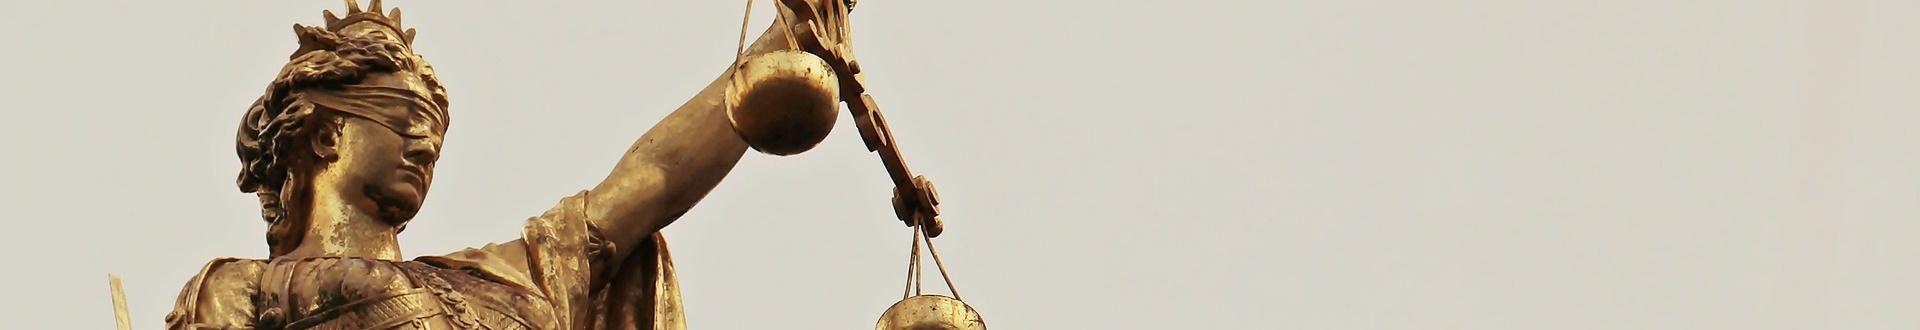 Brille Jobcenter - Bei Urteil zu Hartz IV-Sanktionen herrscht Stillstand